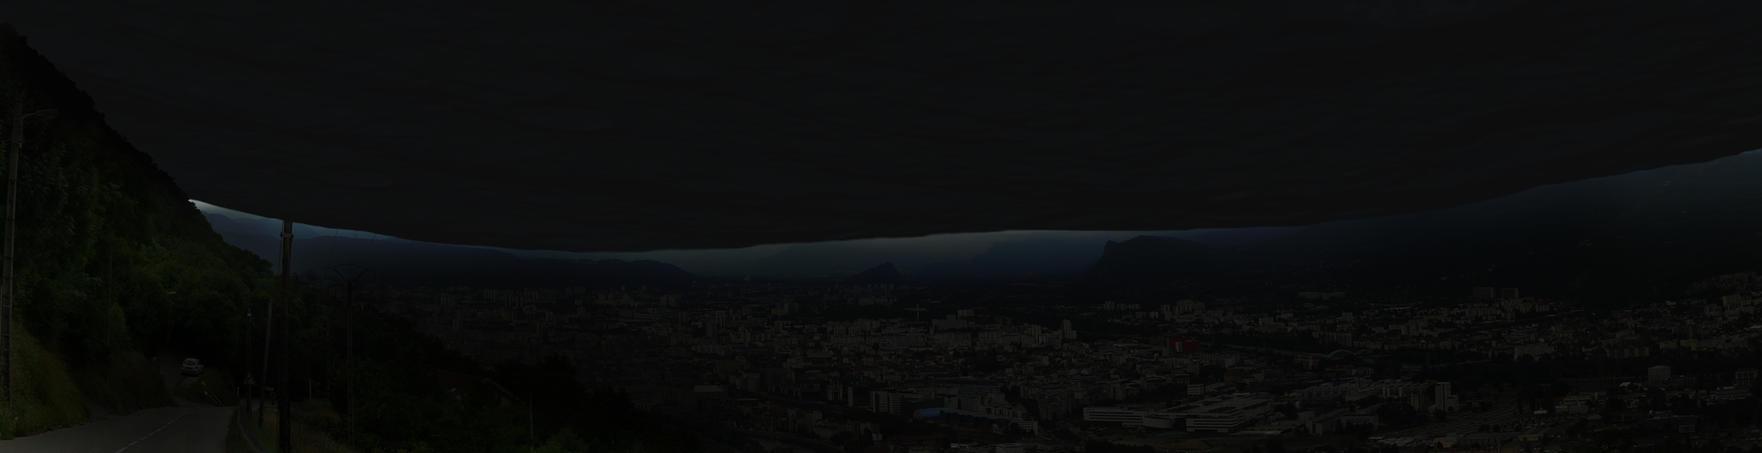 The Scale of Vesta by Ludo38